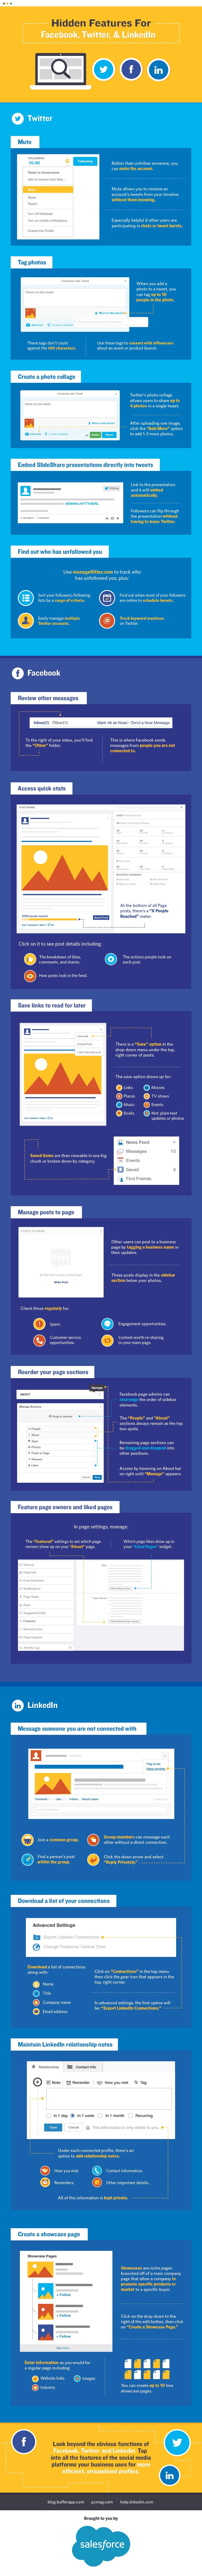 15 funciones poco conocidas que puedes comenzar a aprovechar en Facebook, Twitter y Linkedin